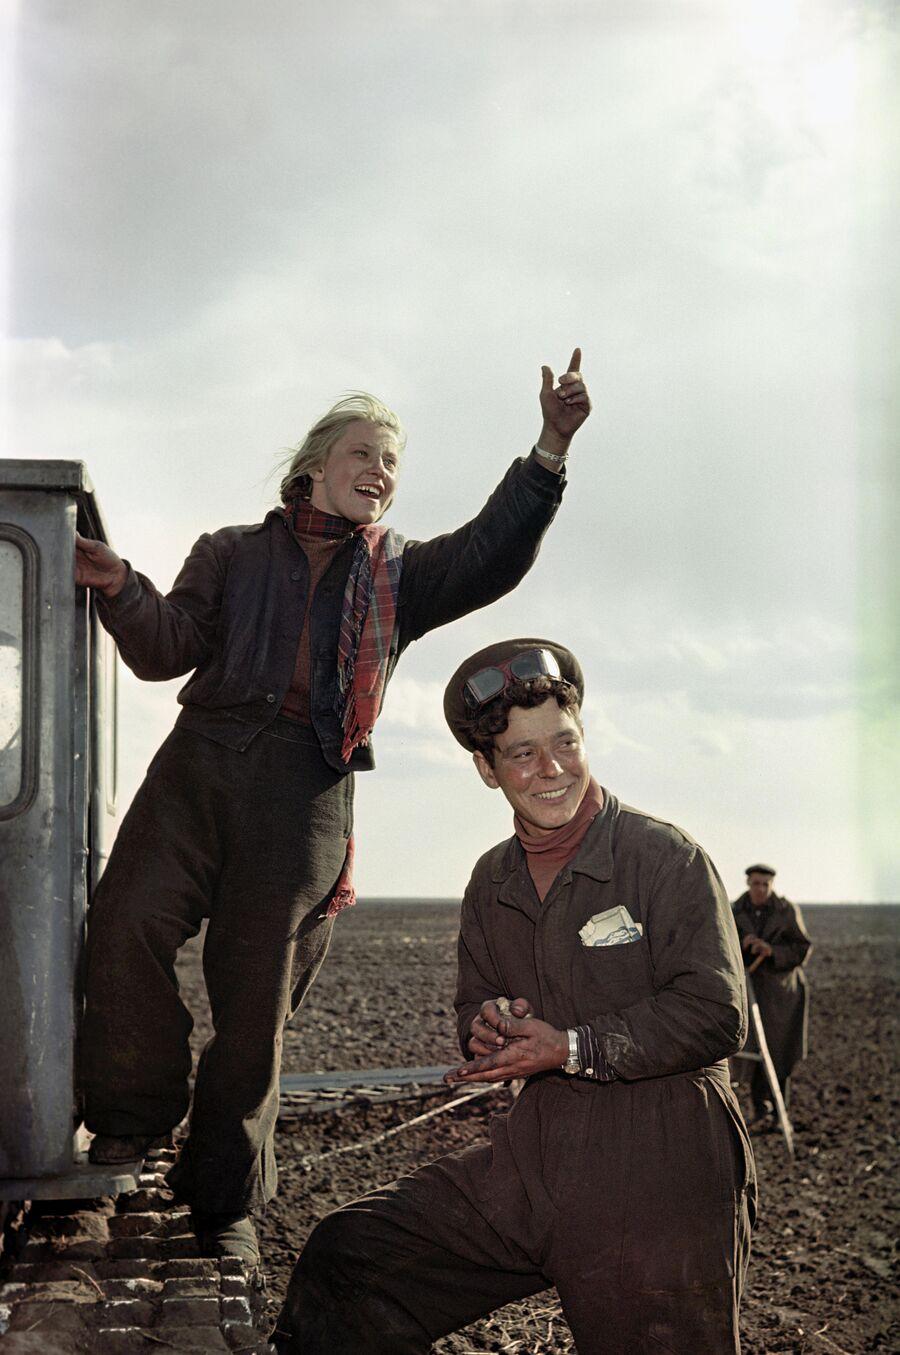 Целинный совхоз Урожайный. Молодые трактористы совхоза приветствуют своих коллег на соседнем поле